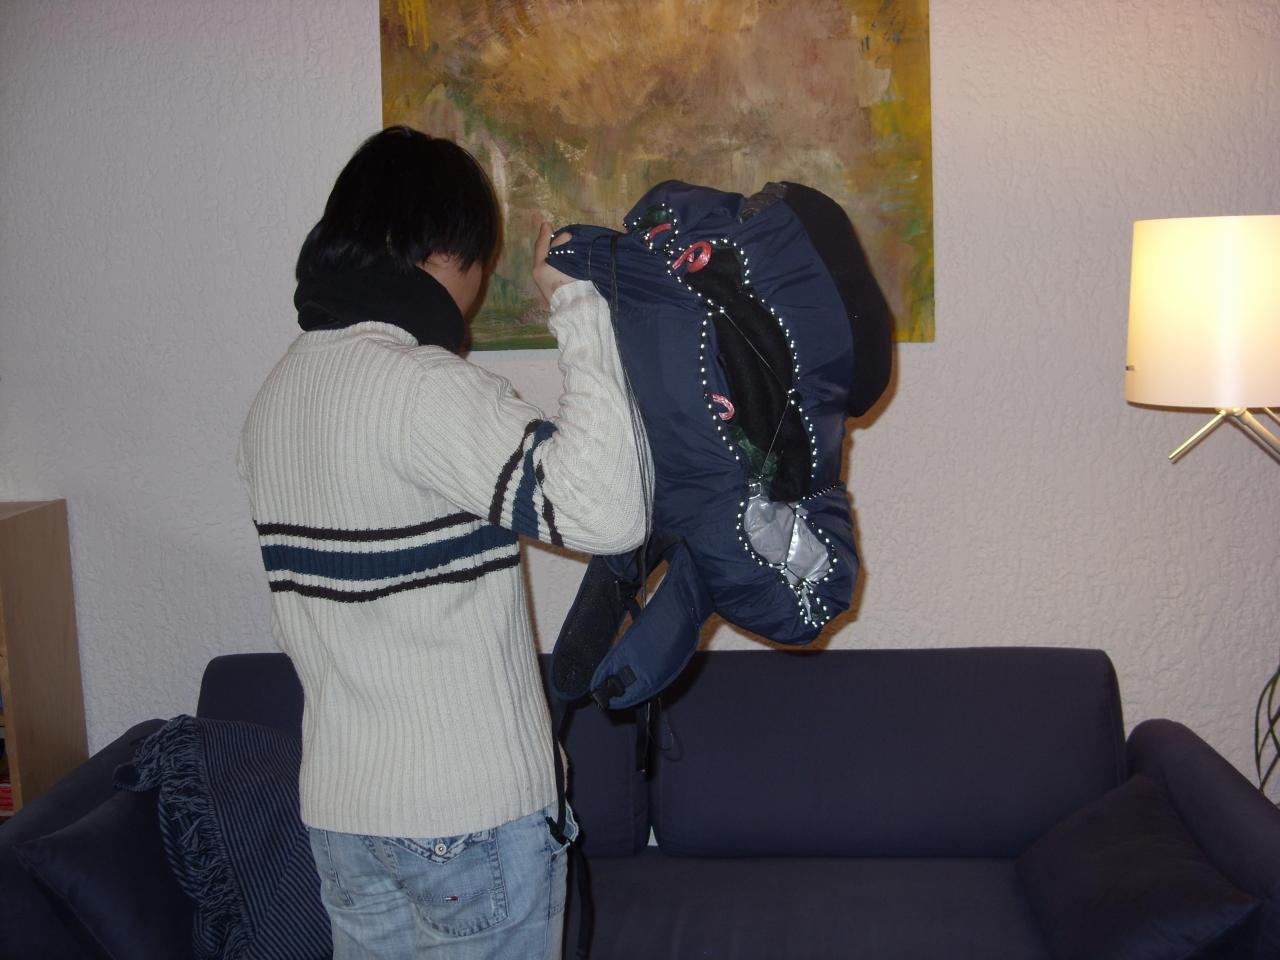 Diy Gearskin Inspired Backpack